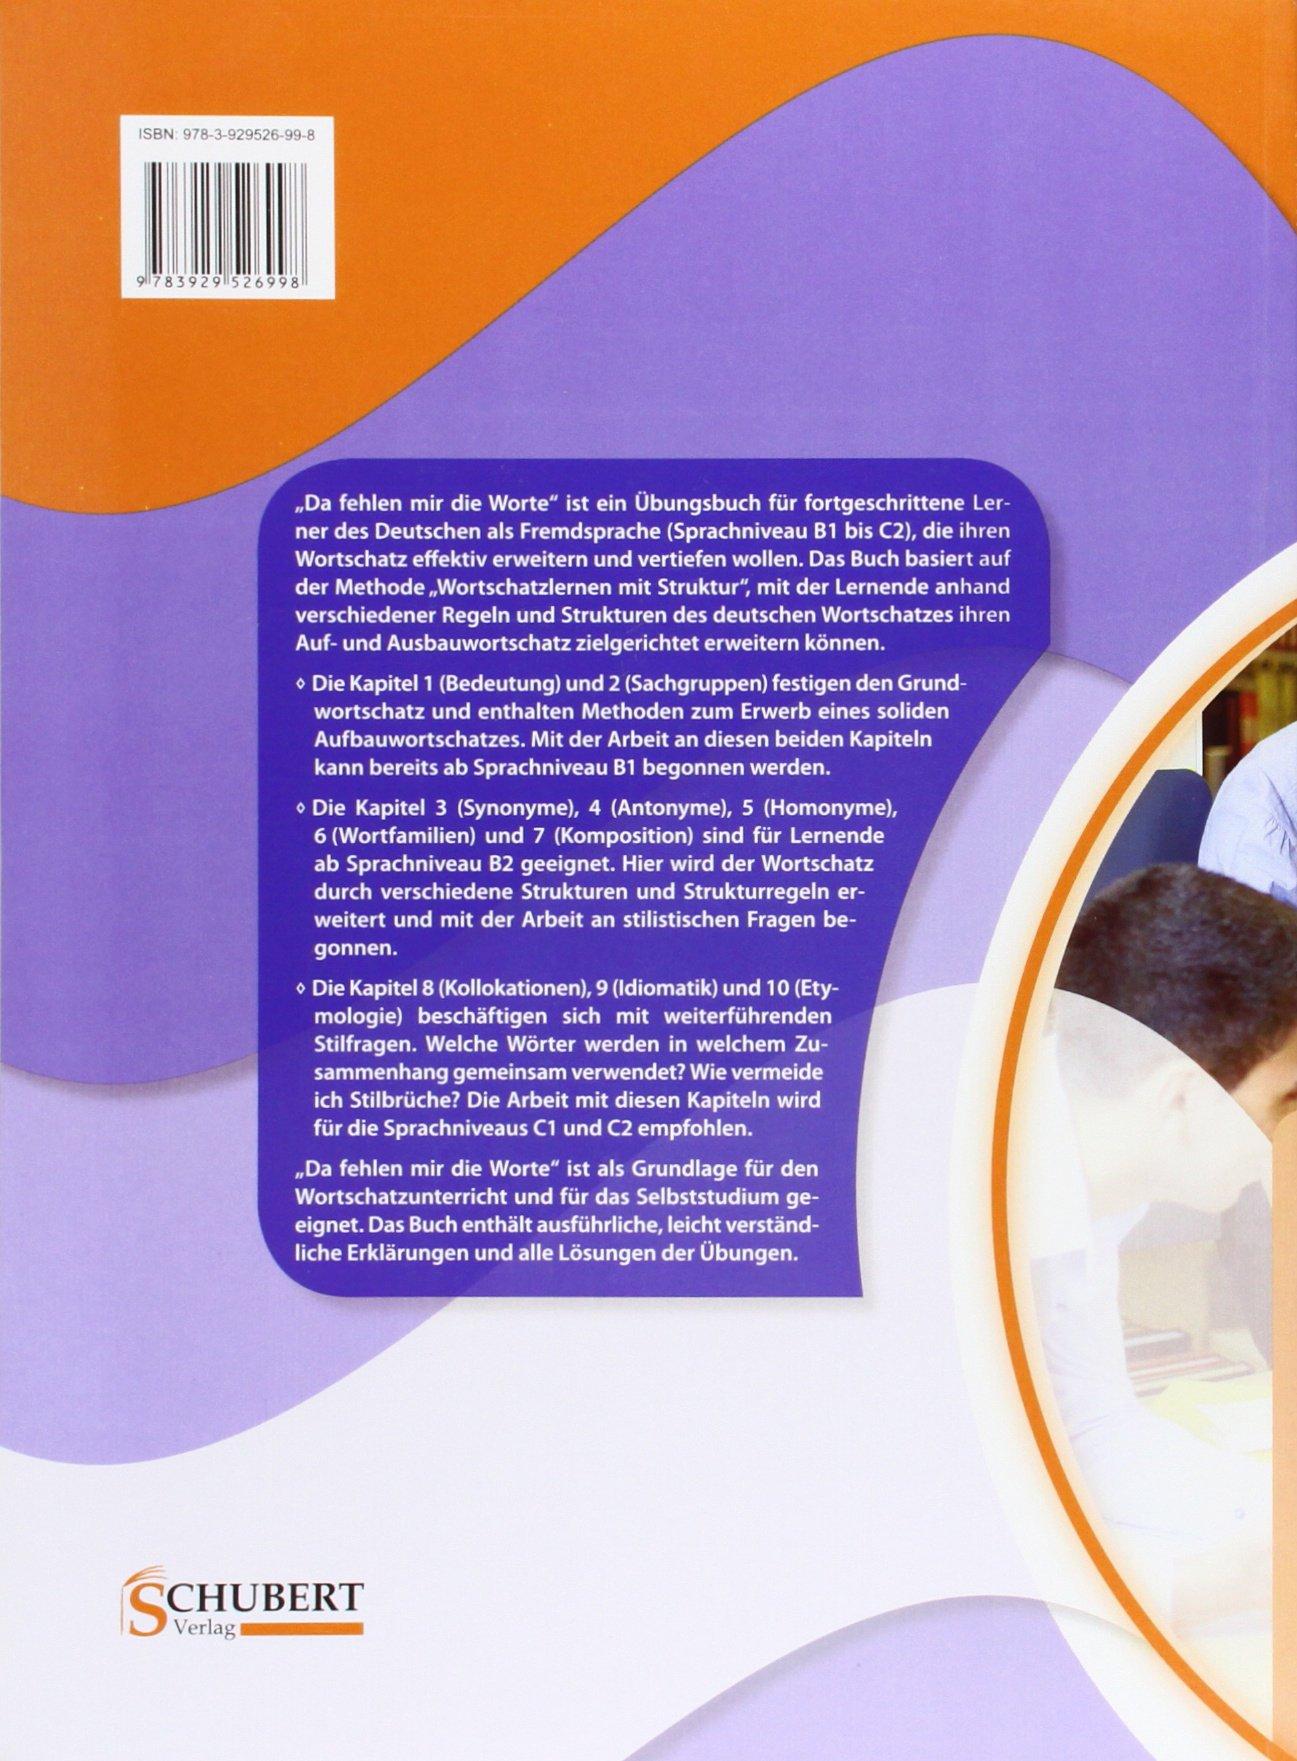 Da fehlen mir die Worte: Systematischer Wortschatzerwerb für fortgeschrittene Lerner in Deutsch als Fremdsprache: Amazon.es: Wiebke Strank: Libros en ...